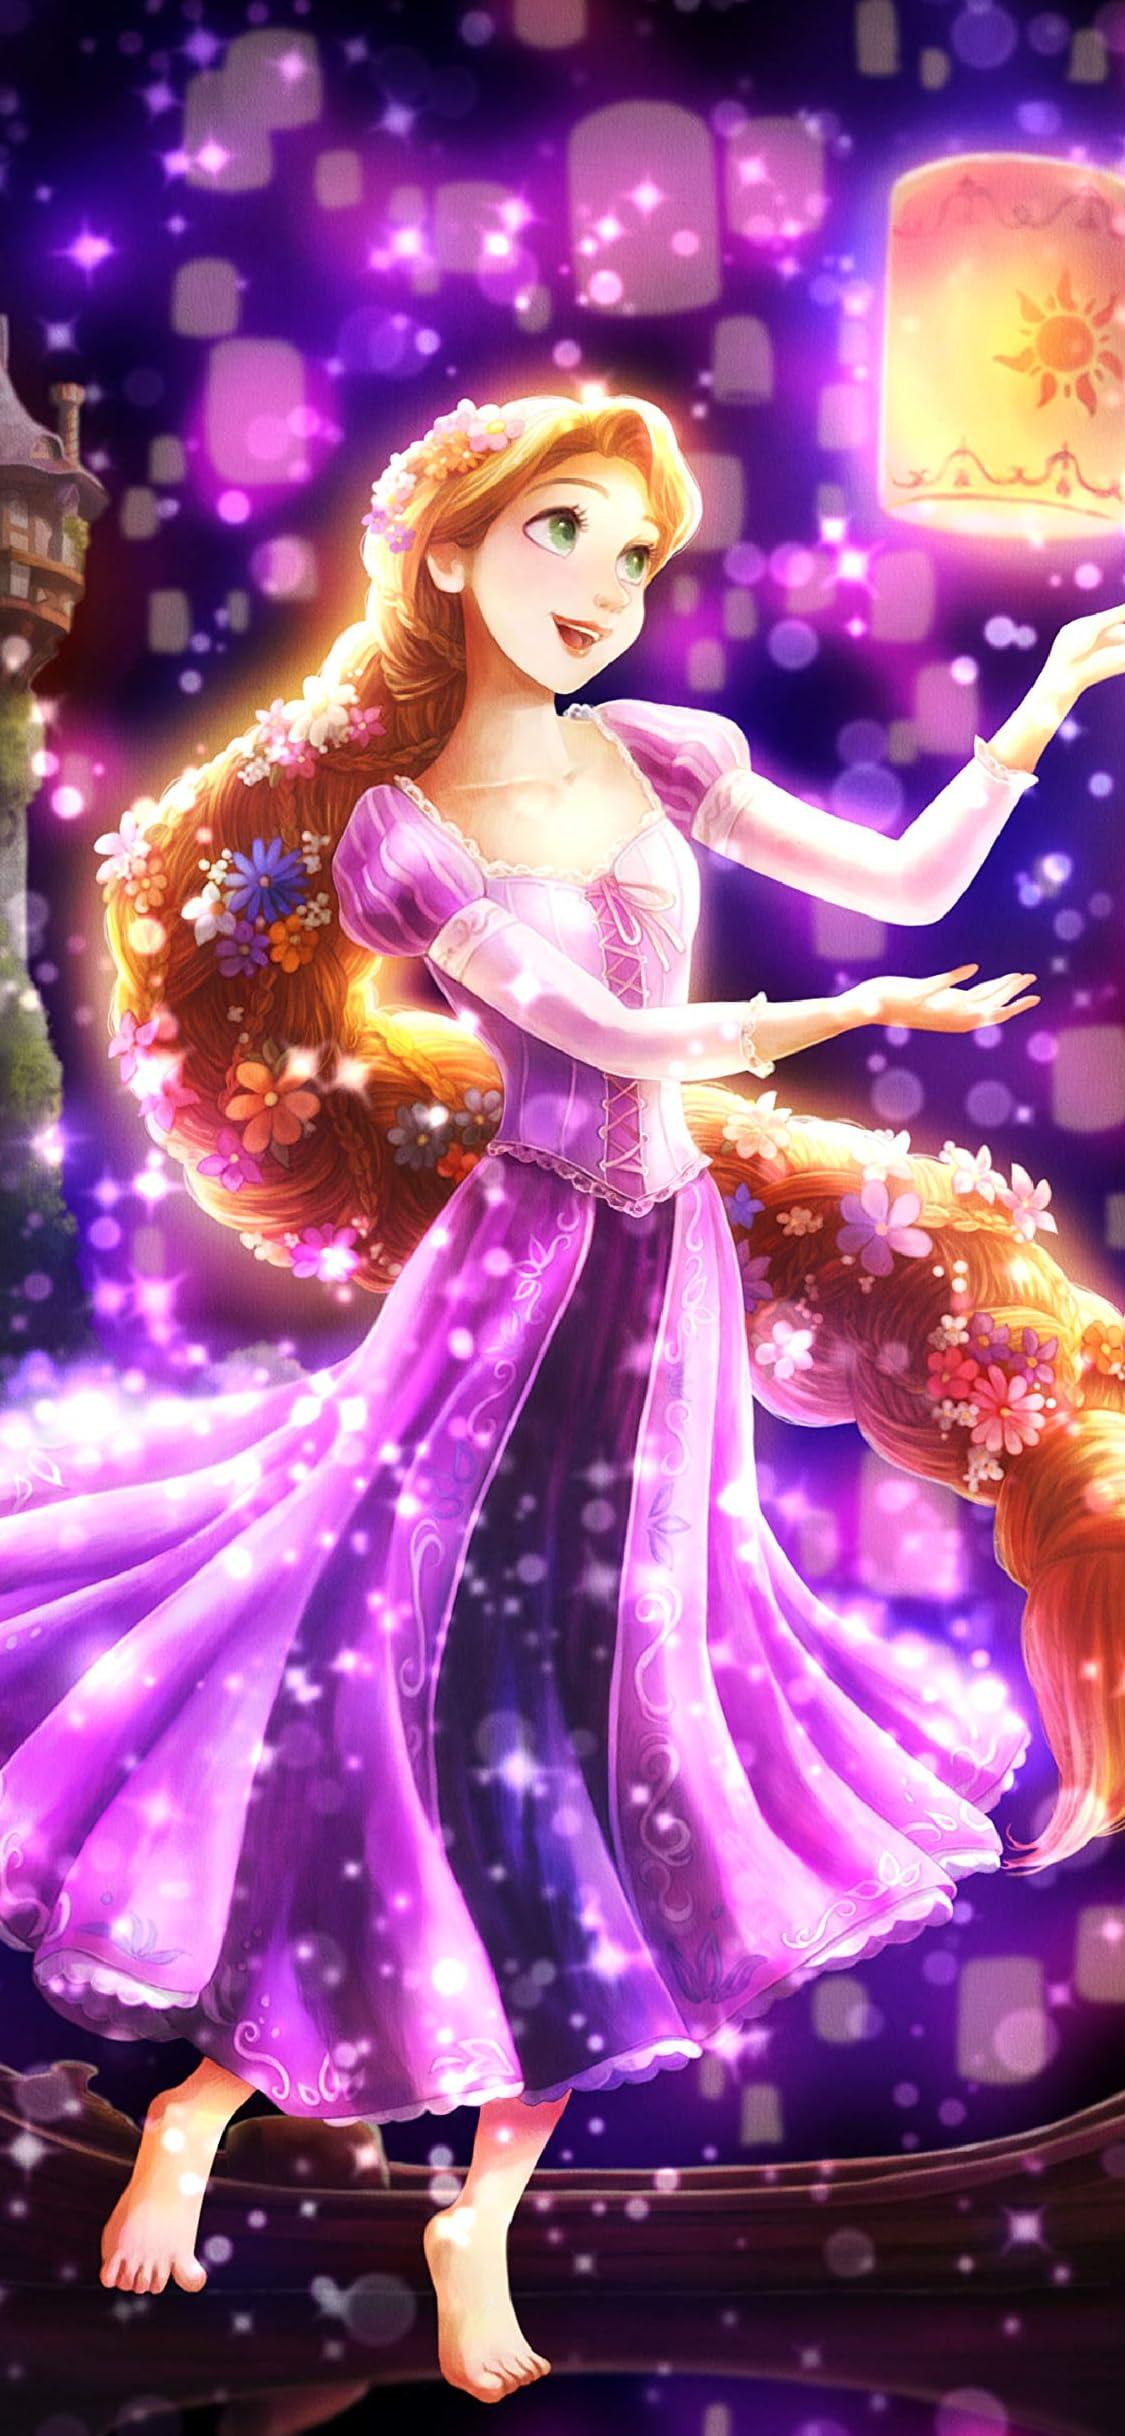 ディズニー 夜空に灯る夢(ラプンツェル) iPhone X 壁紙(1125x2436)画像